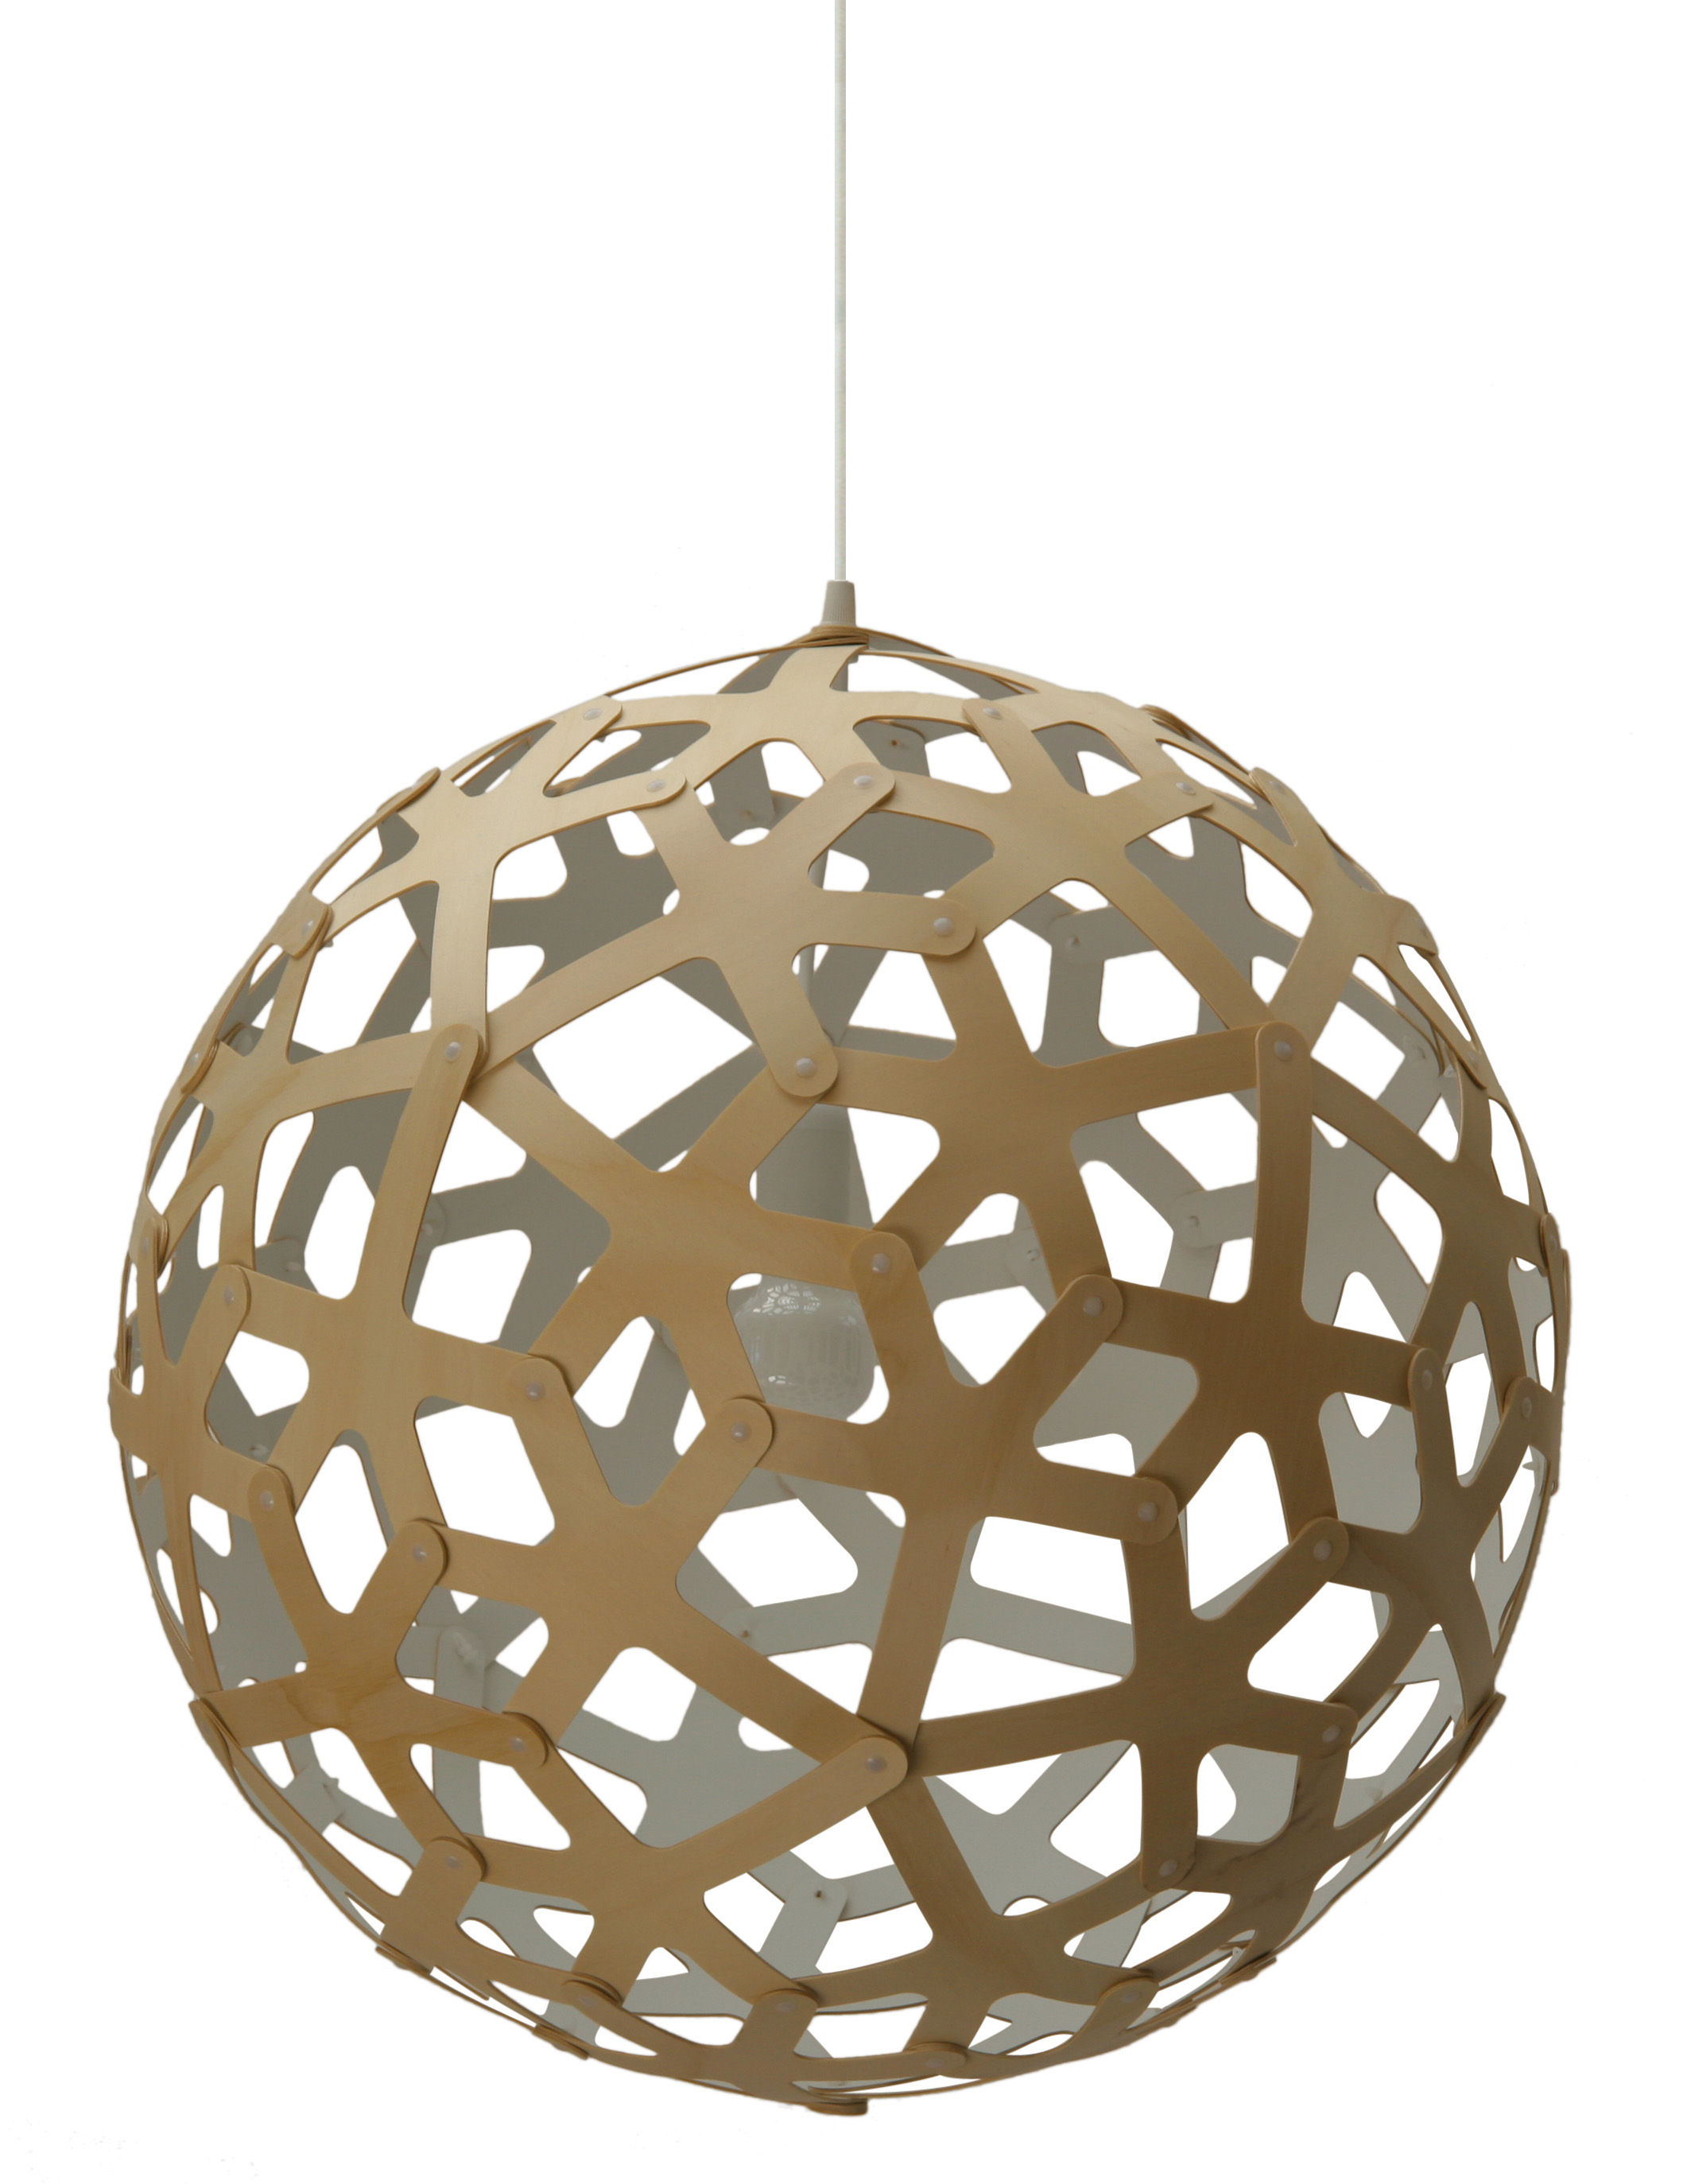 Luminaire - Suspensions - Suspension Coral / Ø 40 cm - Bicolore blanc & bois - David Trubridge - Blanc / Bois naturel - Pin